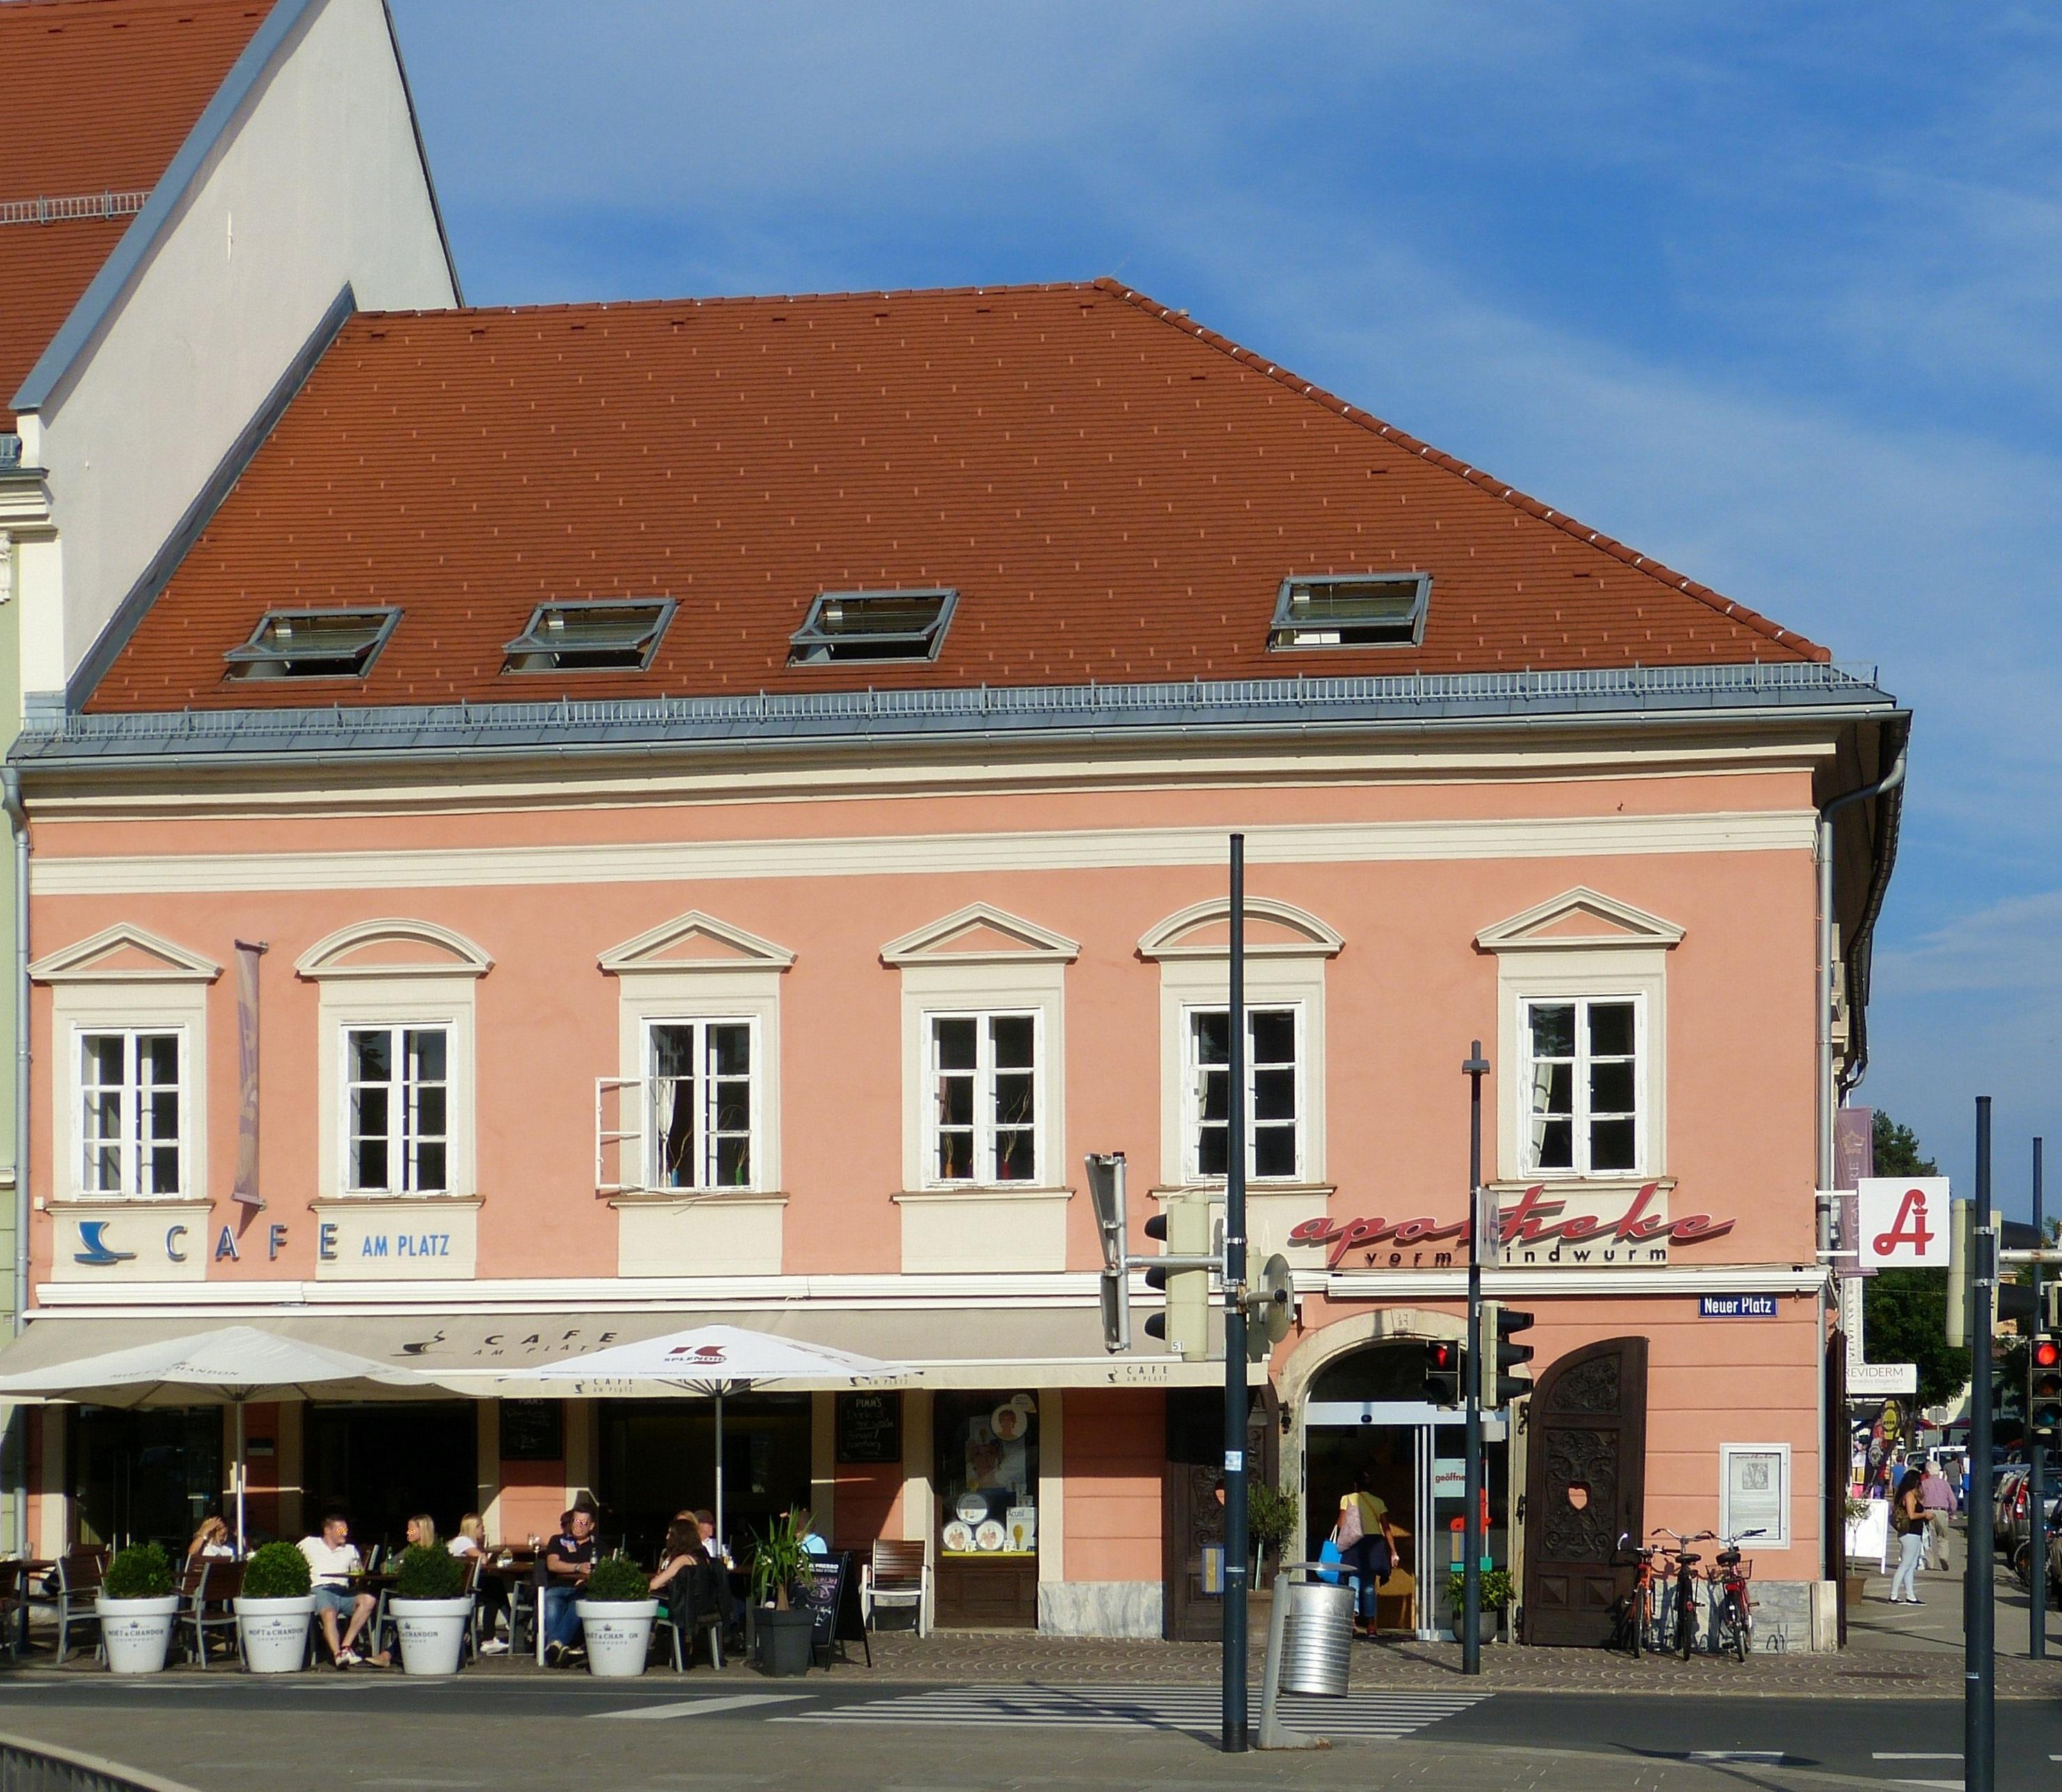 Adler-Apotheke, Apotheke vorm Lindwurm © by Niki.L